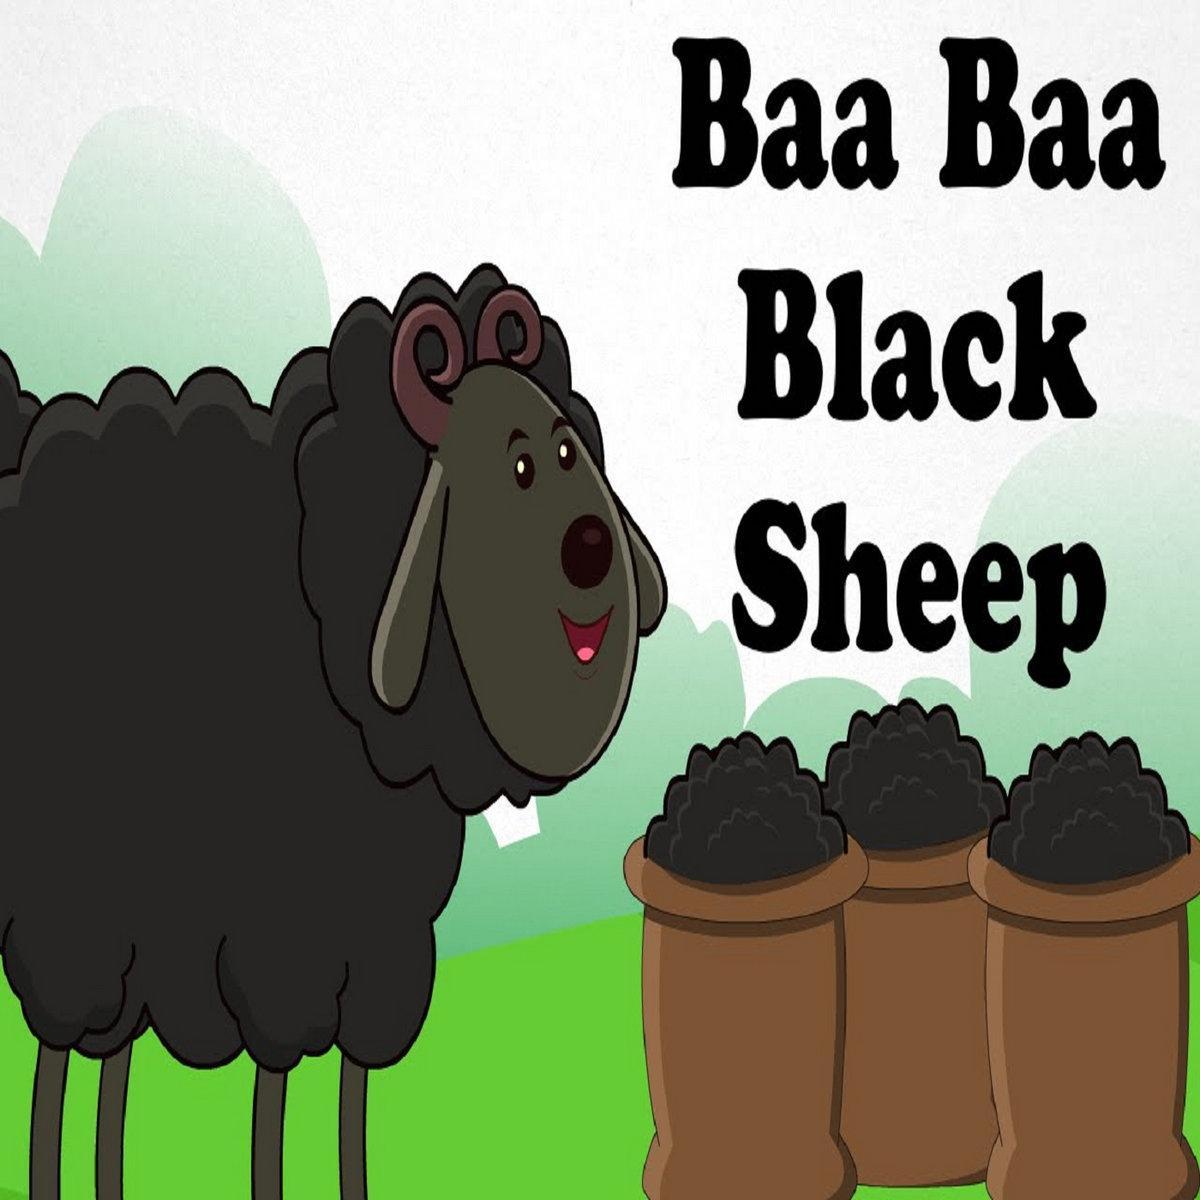 Black Sheep Nursery Rhyme Thenurseries